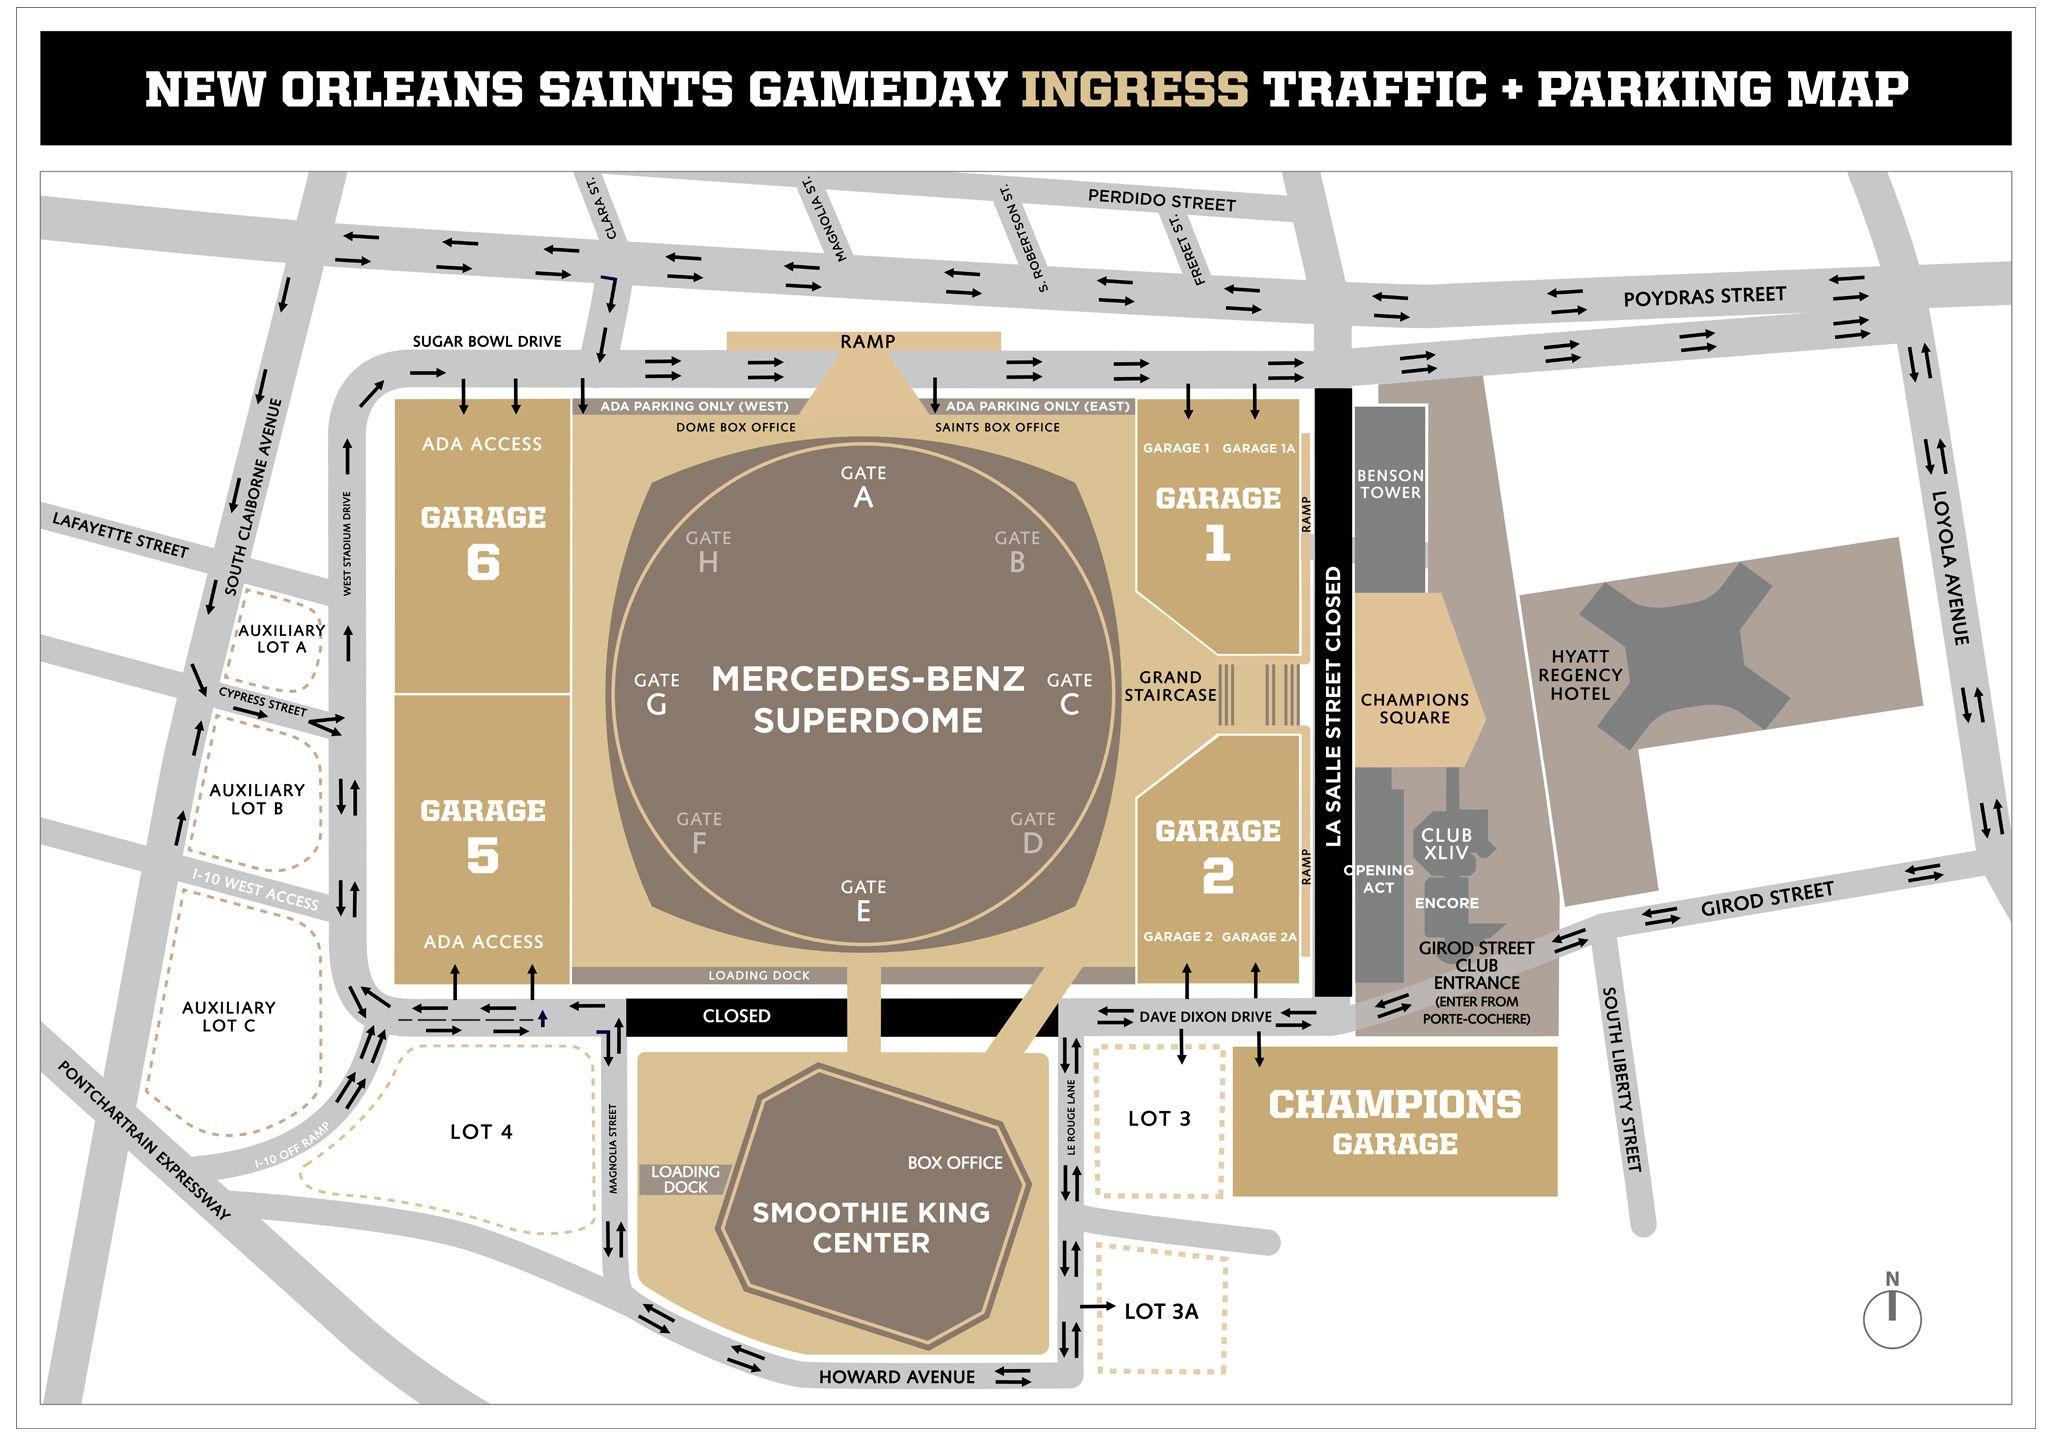 New Orleans Saints Gameday Ingress Traffic & Parking Map